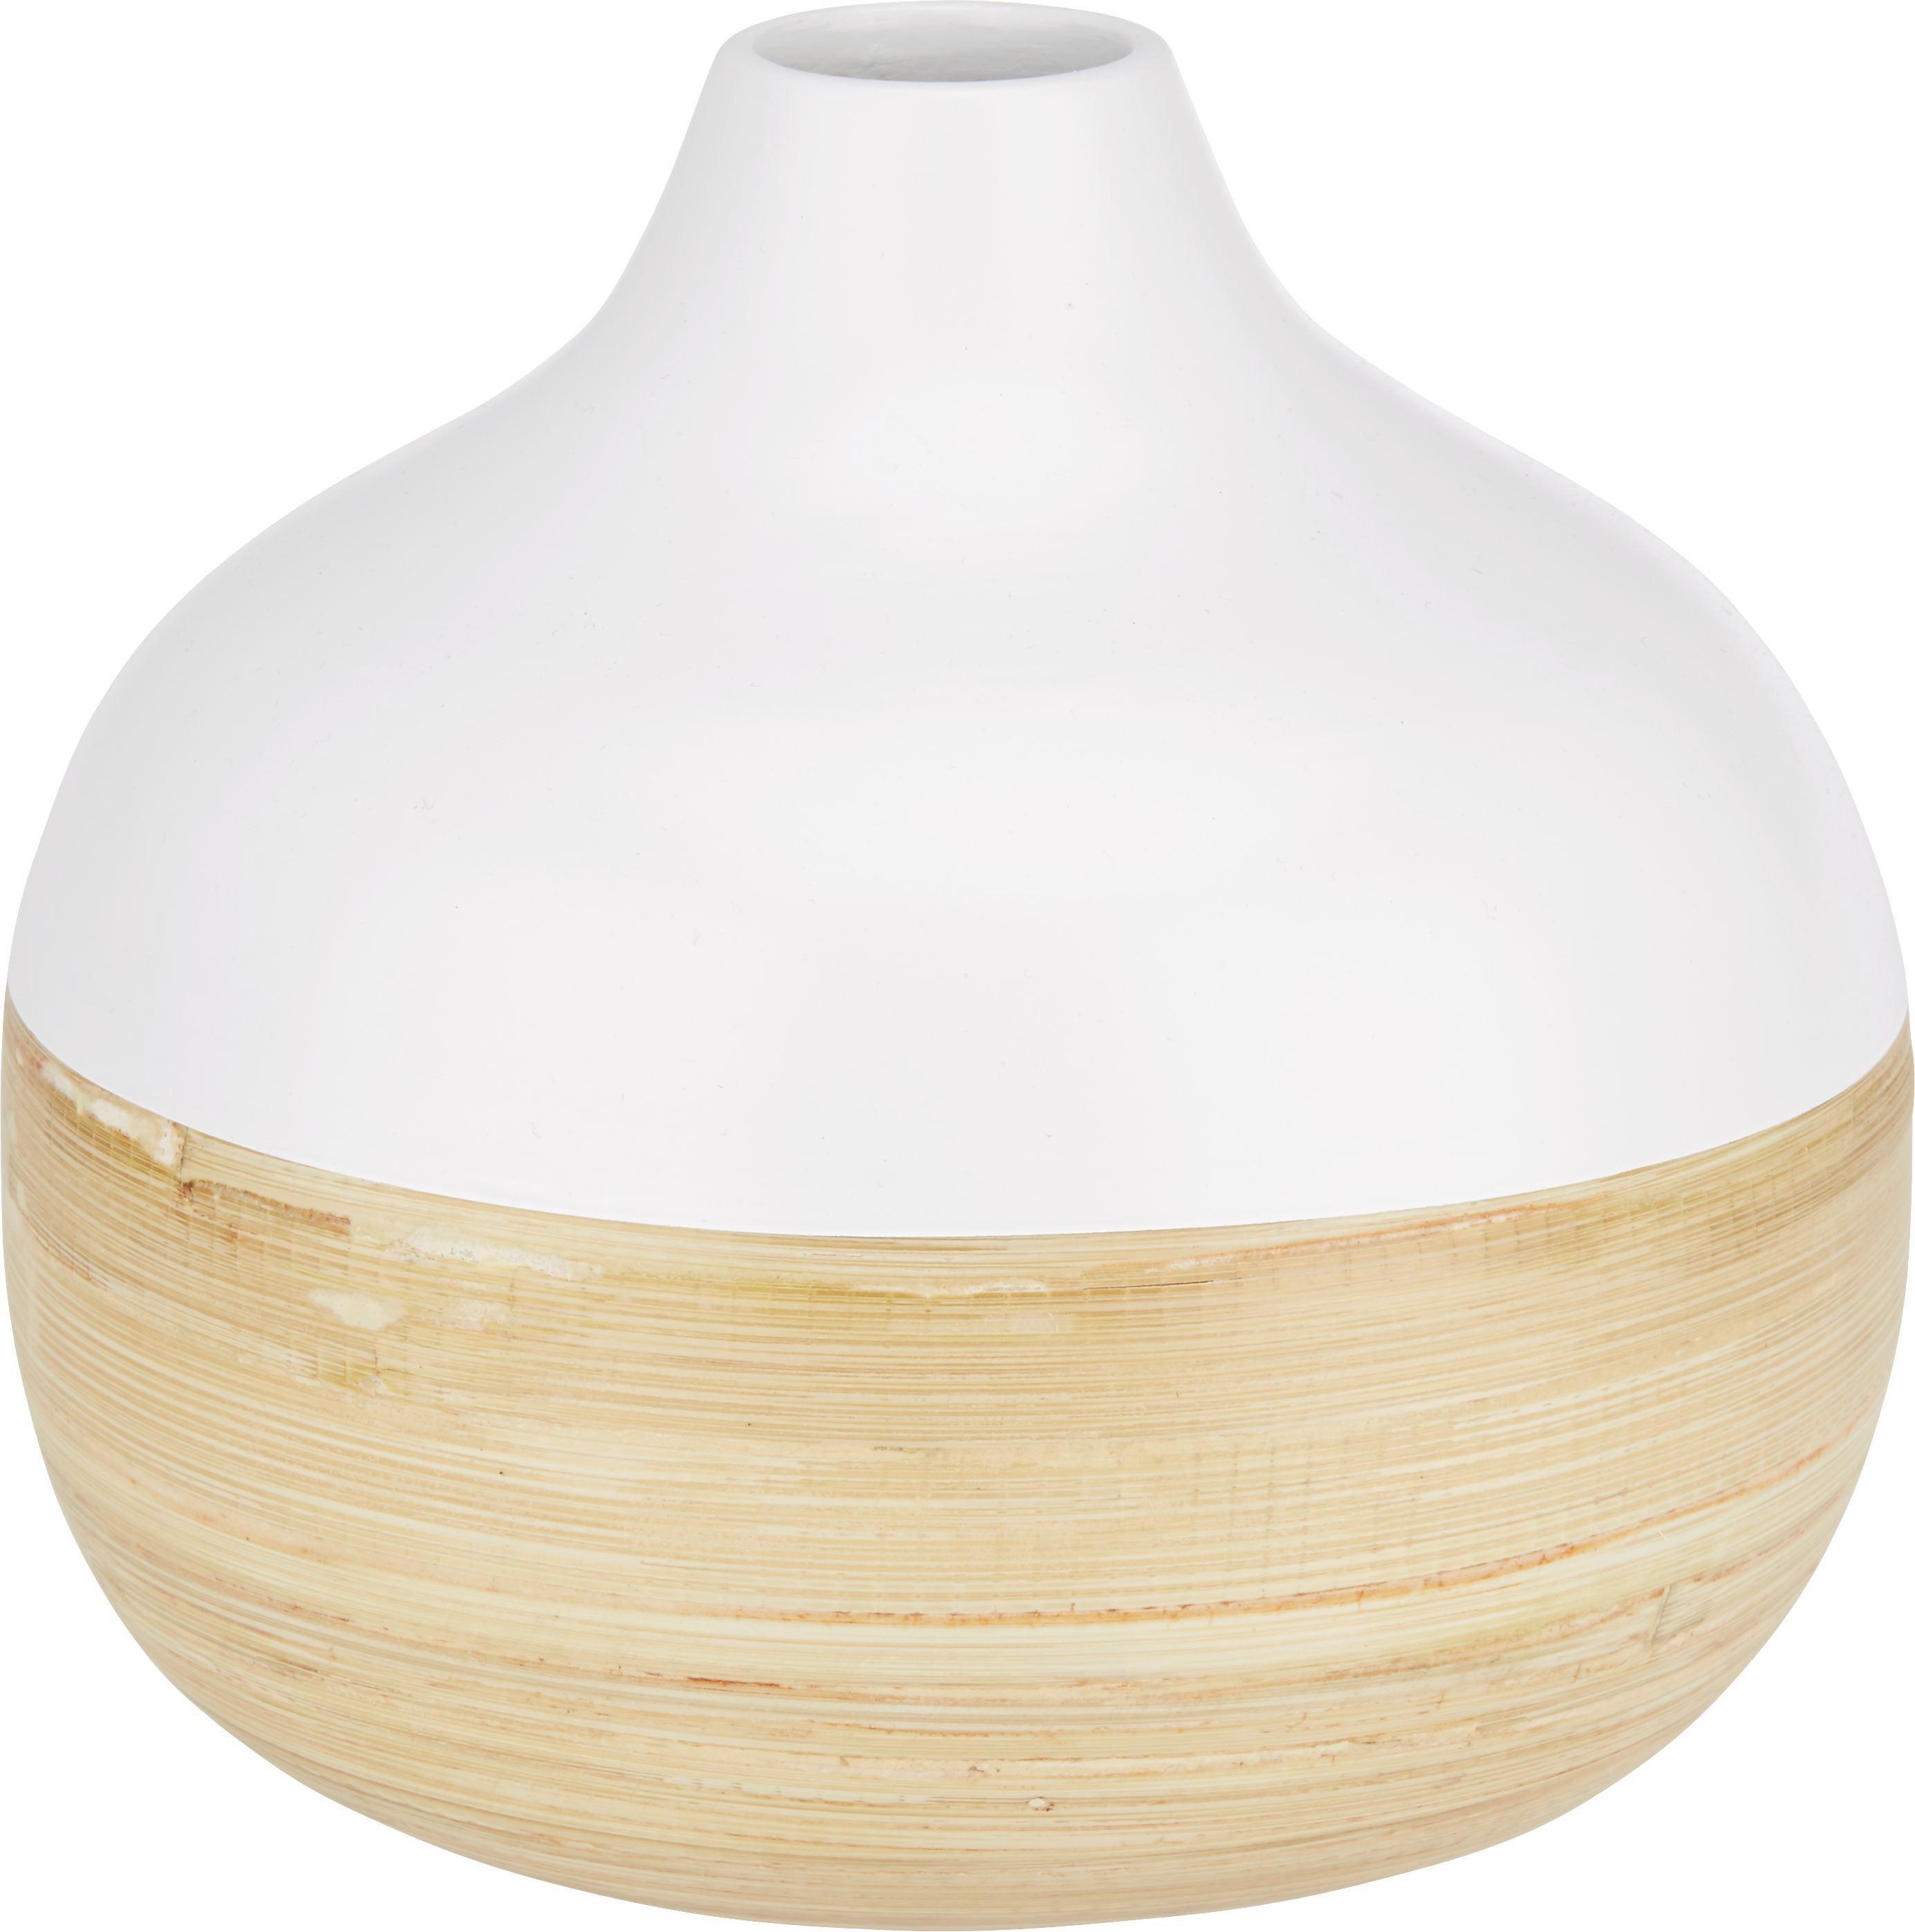 Vase Naturelle in Weiß/Natur - Naturfarben/Weiß, Holz (18/17cm) - MÖMAX modern living